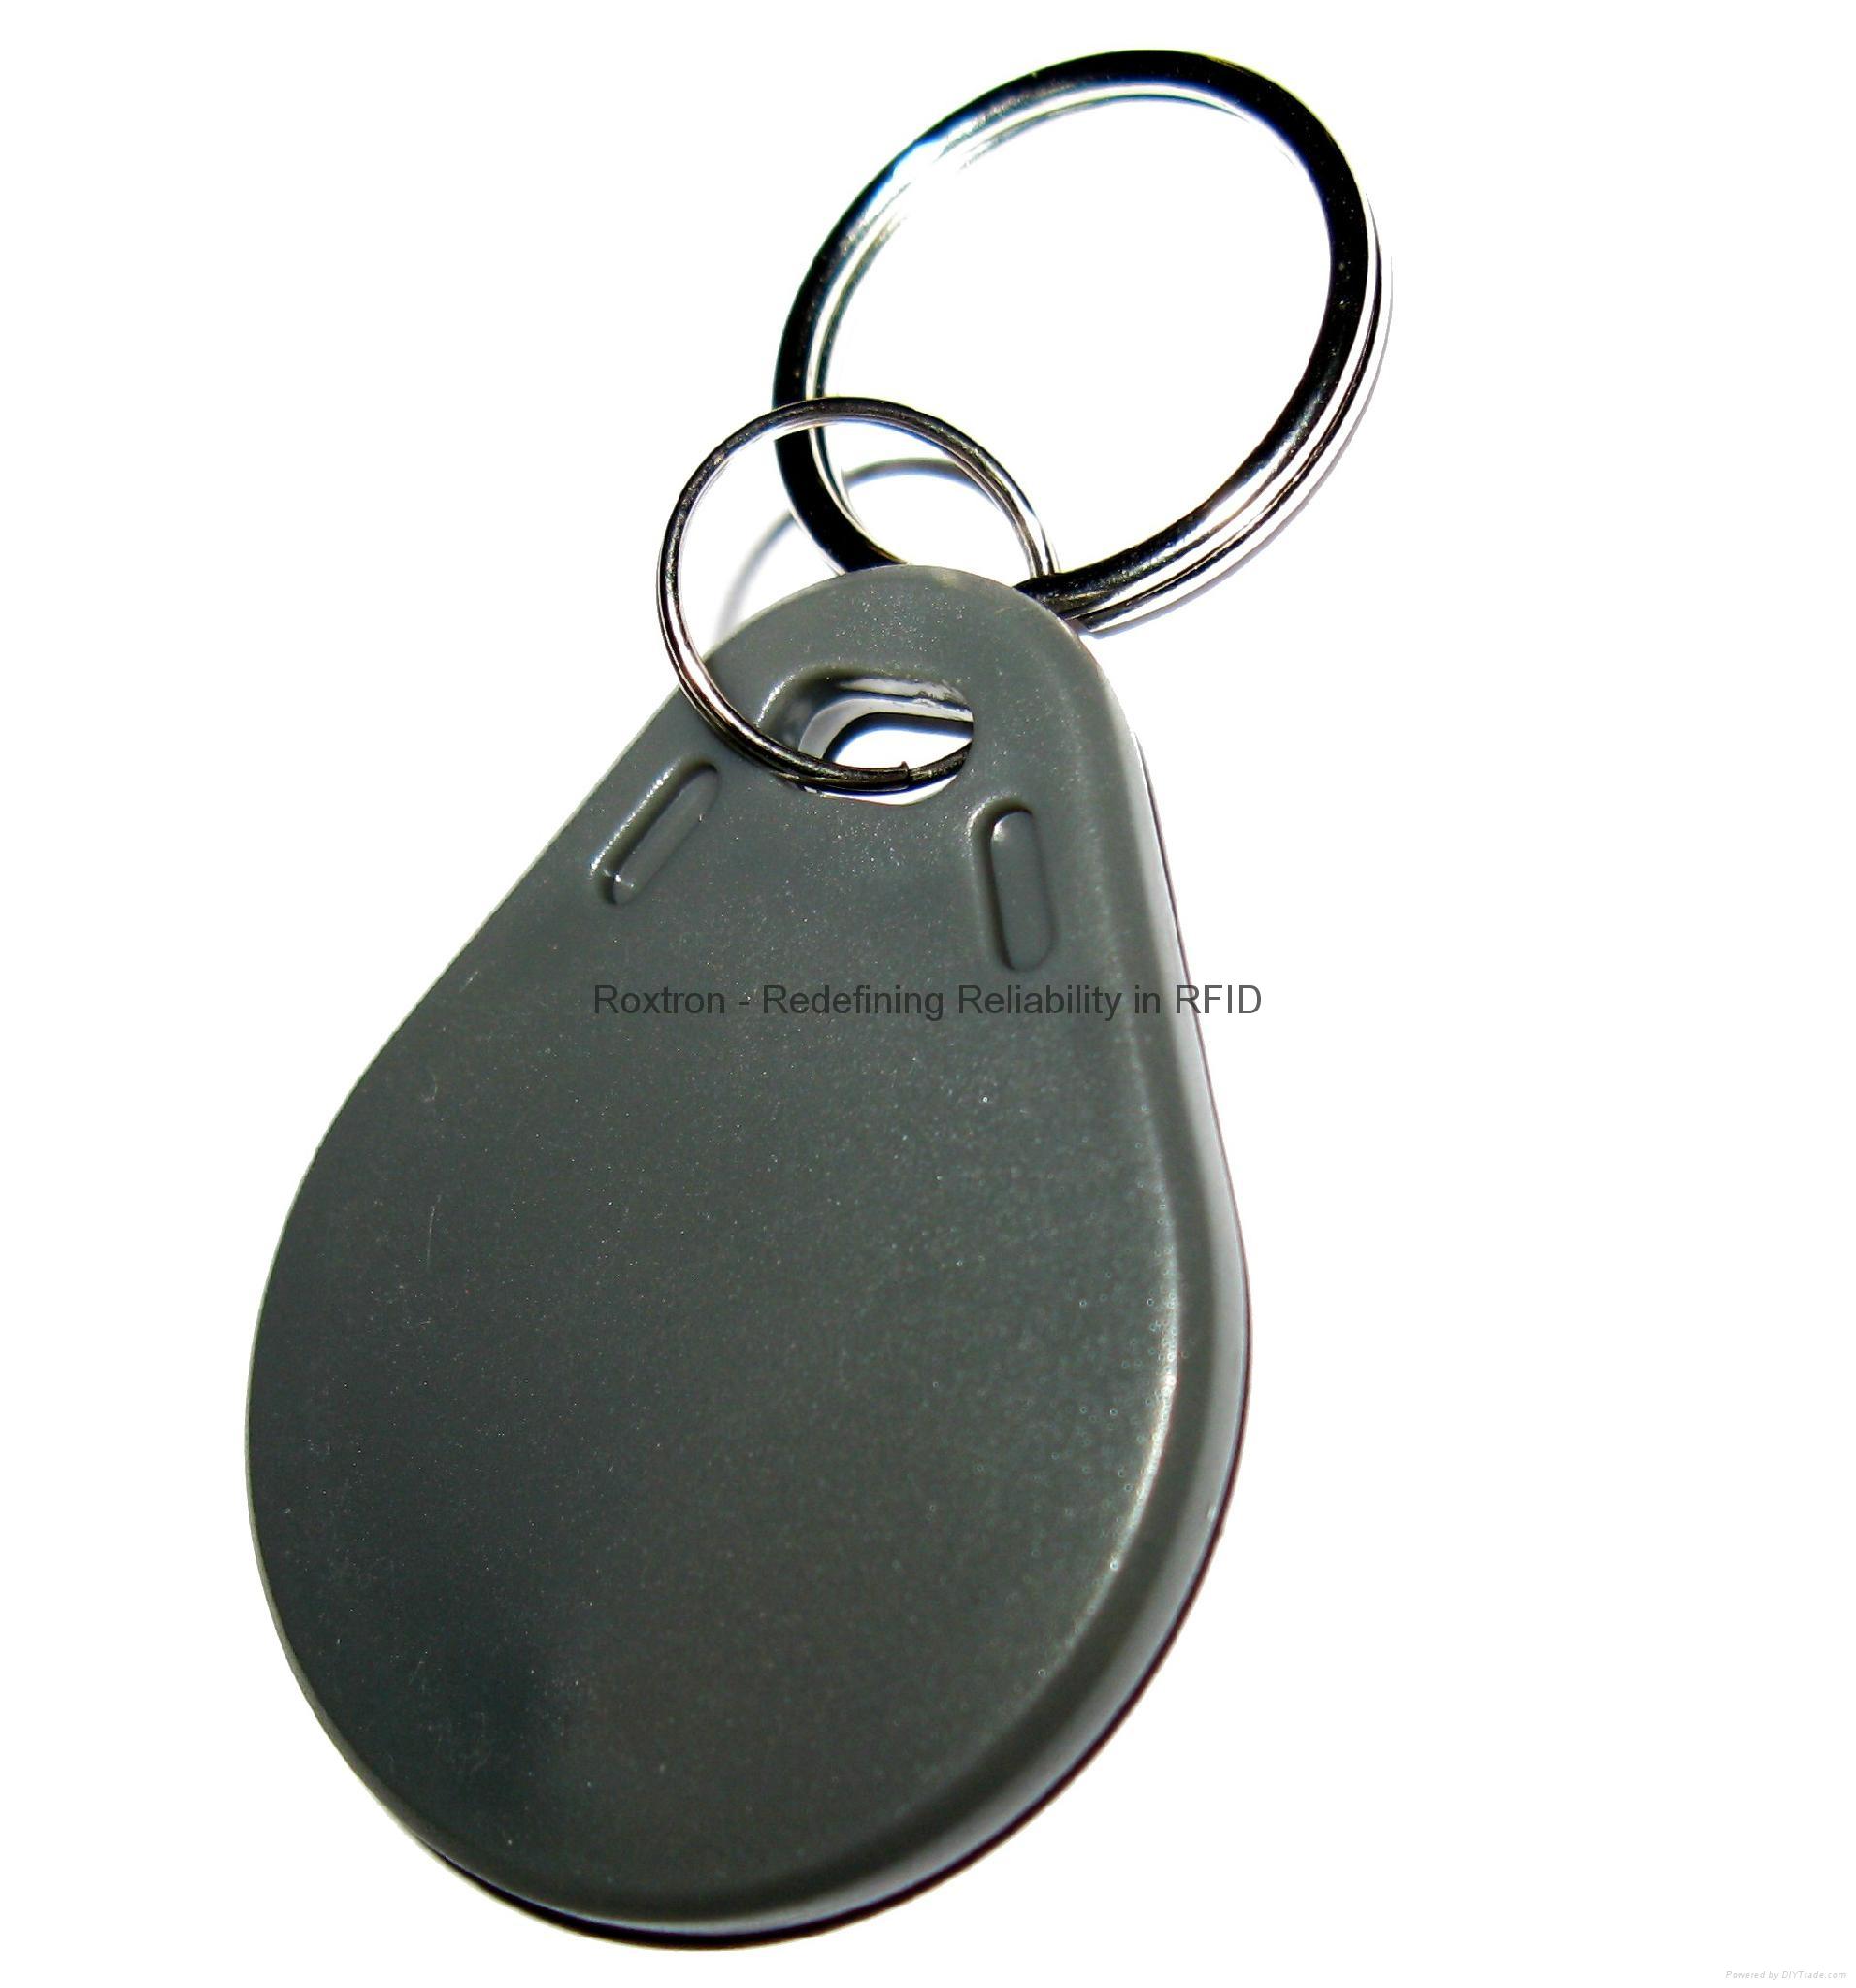 EM4102 RXK04 Key Tag 13